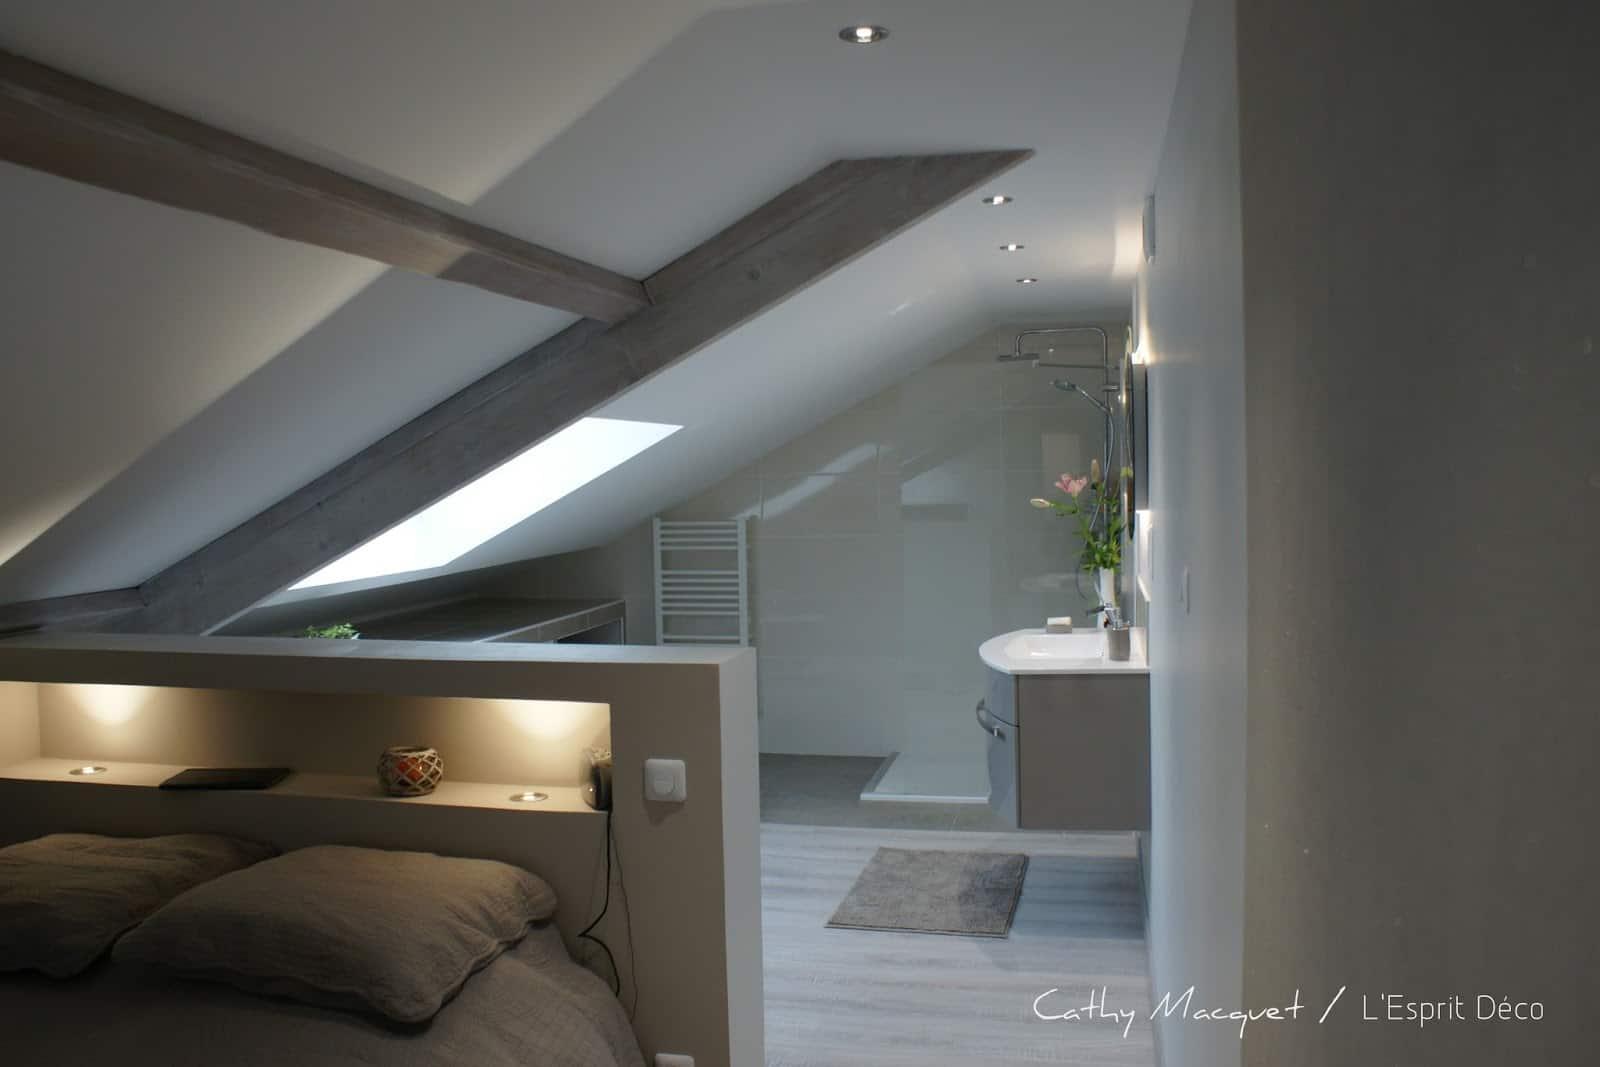 comment aménager une petite chambre ?